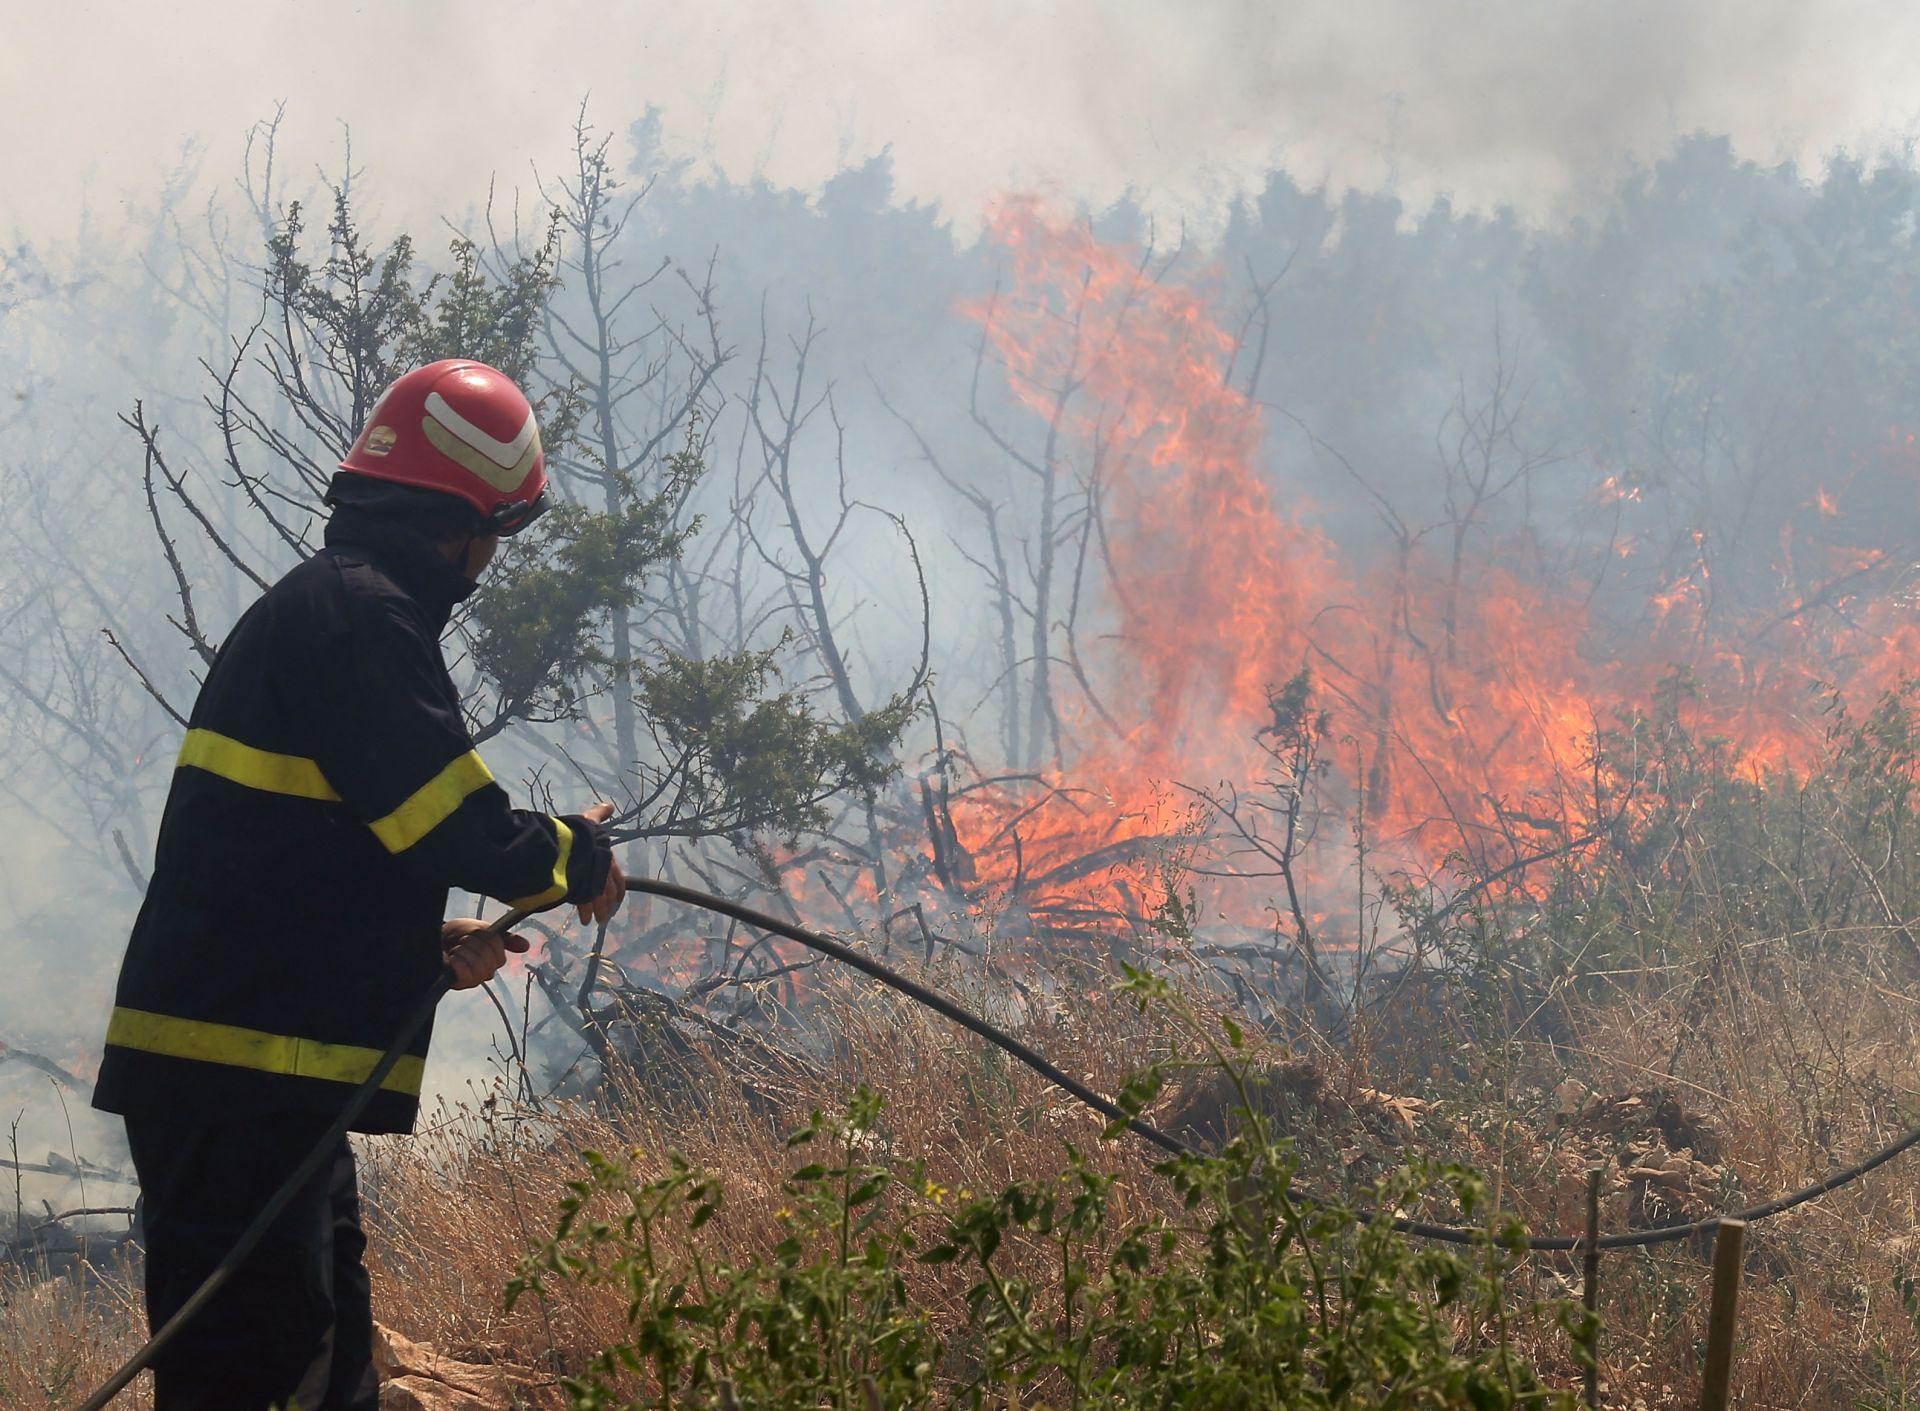 AKTIVIRAN POŽAR: Ponovno gori šuma na području Šestanovca